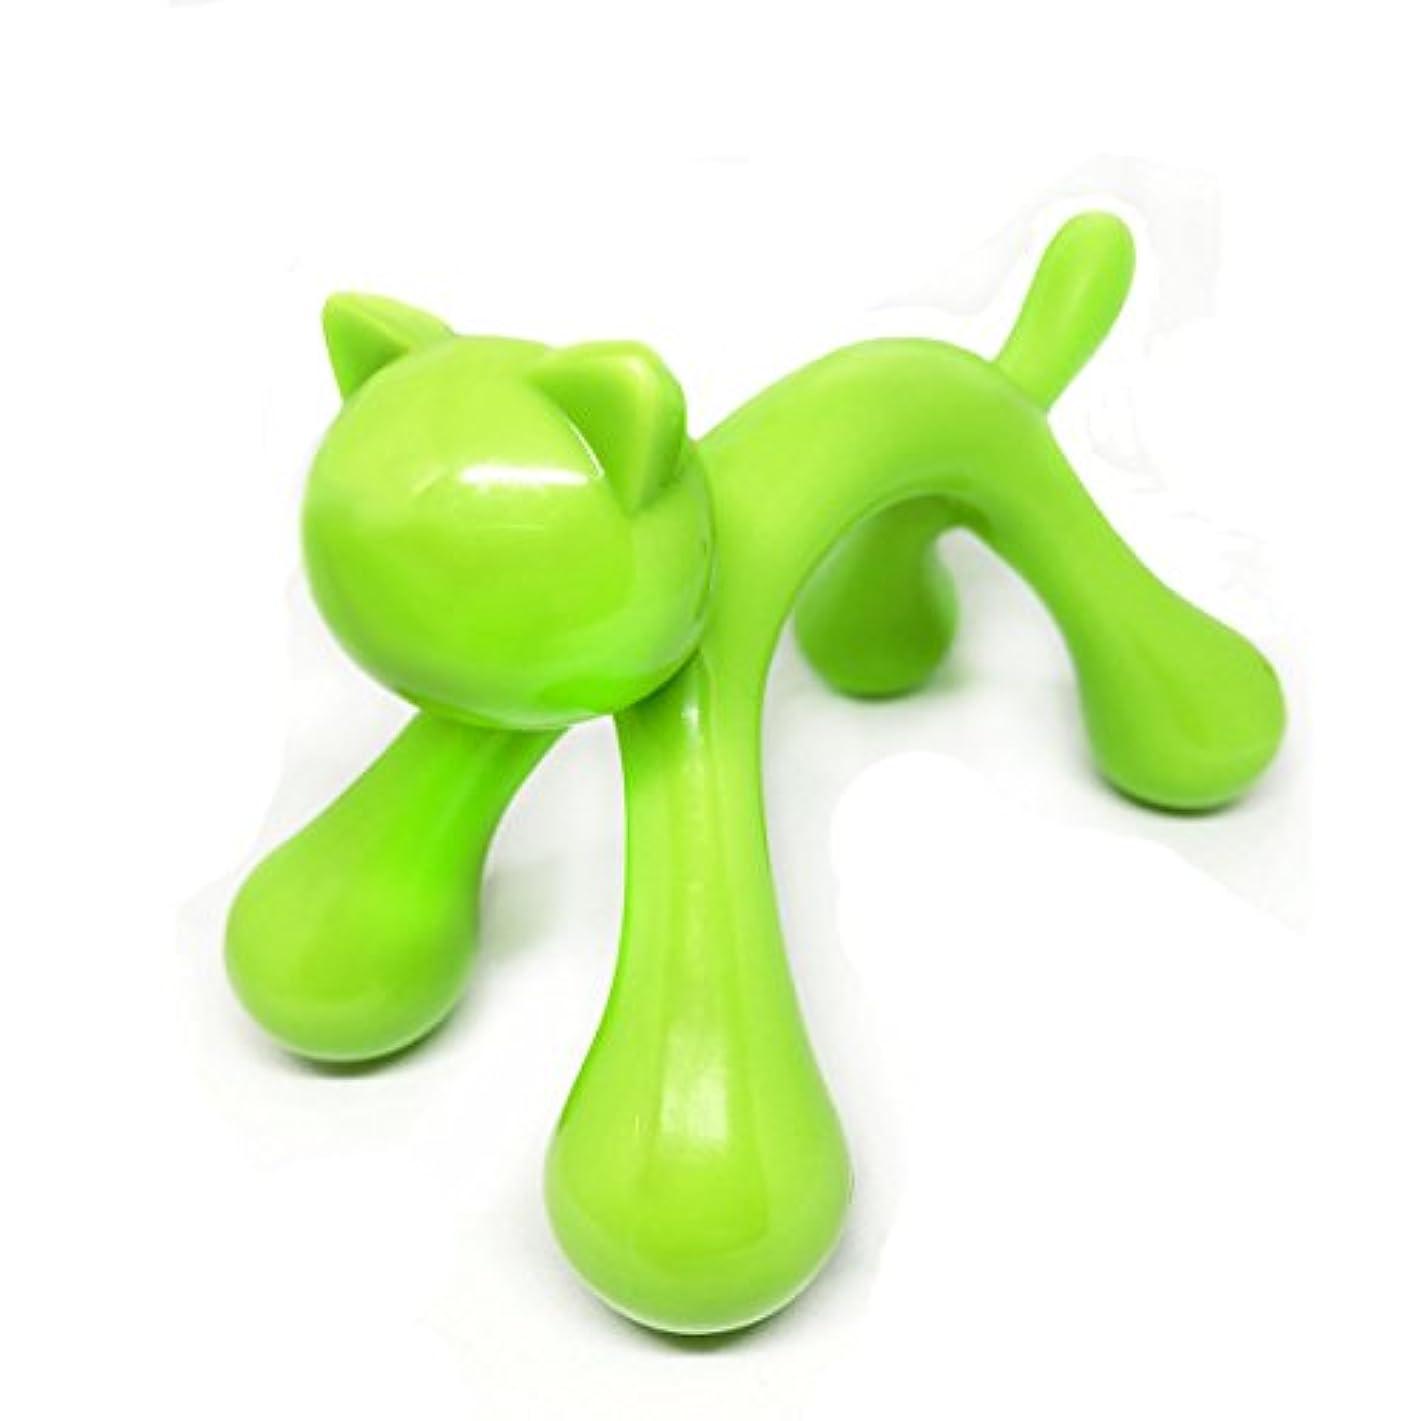 マトン建設生き残りますマッサージ棒 ツボ押しマッサージ台 握りタイプ 背中 ウッド 疲労回復 ハンド 背中 首 肩こり解消 可愛いネコ型 (グリーン)